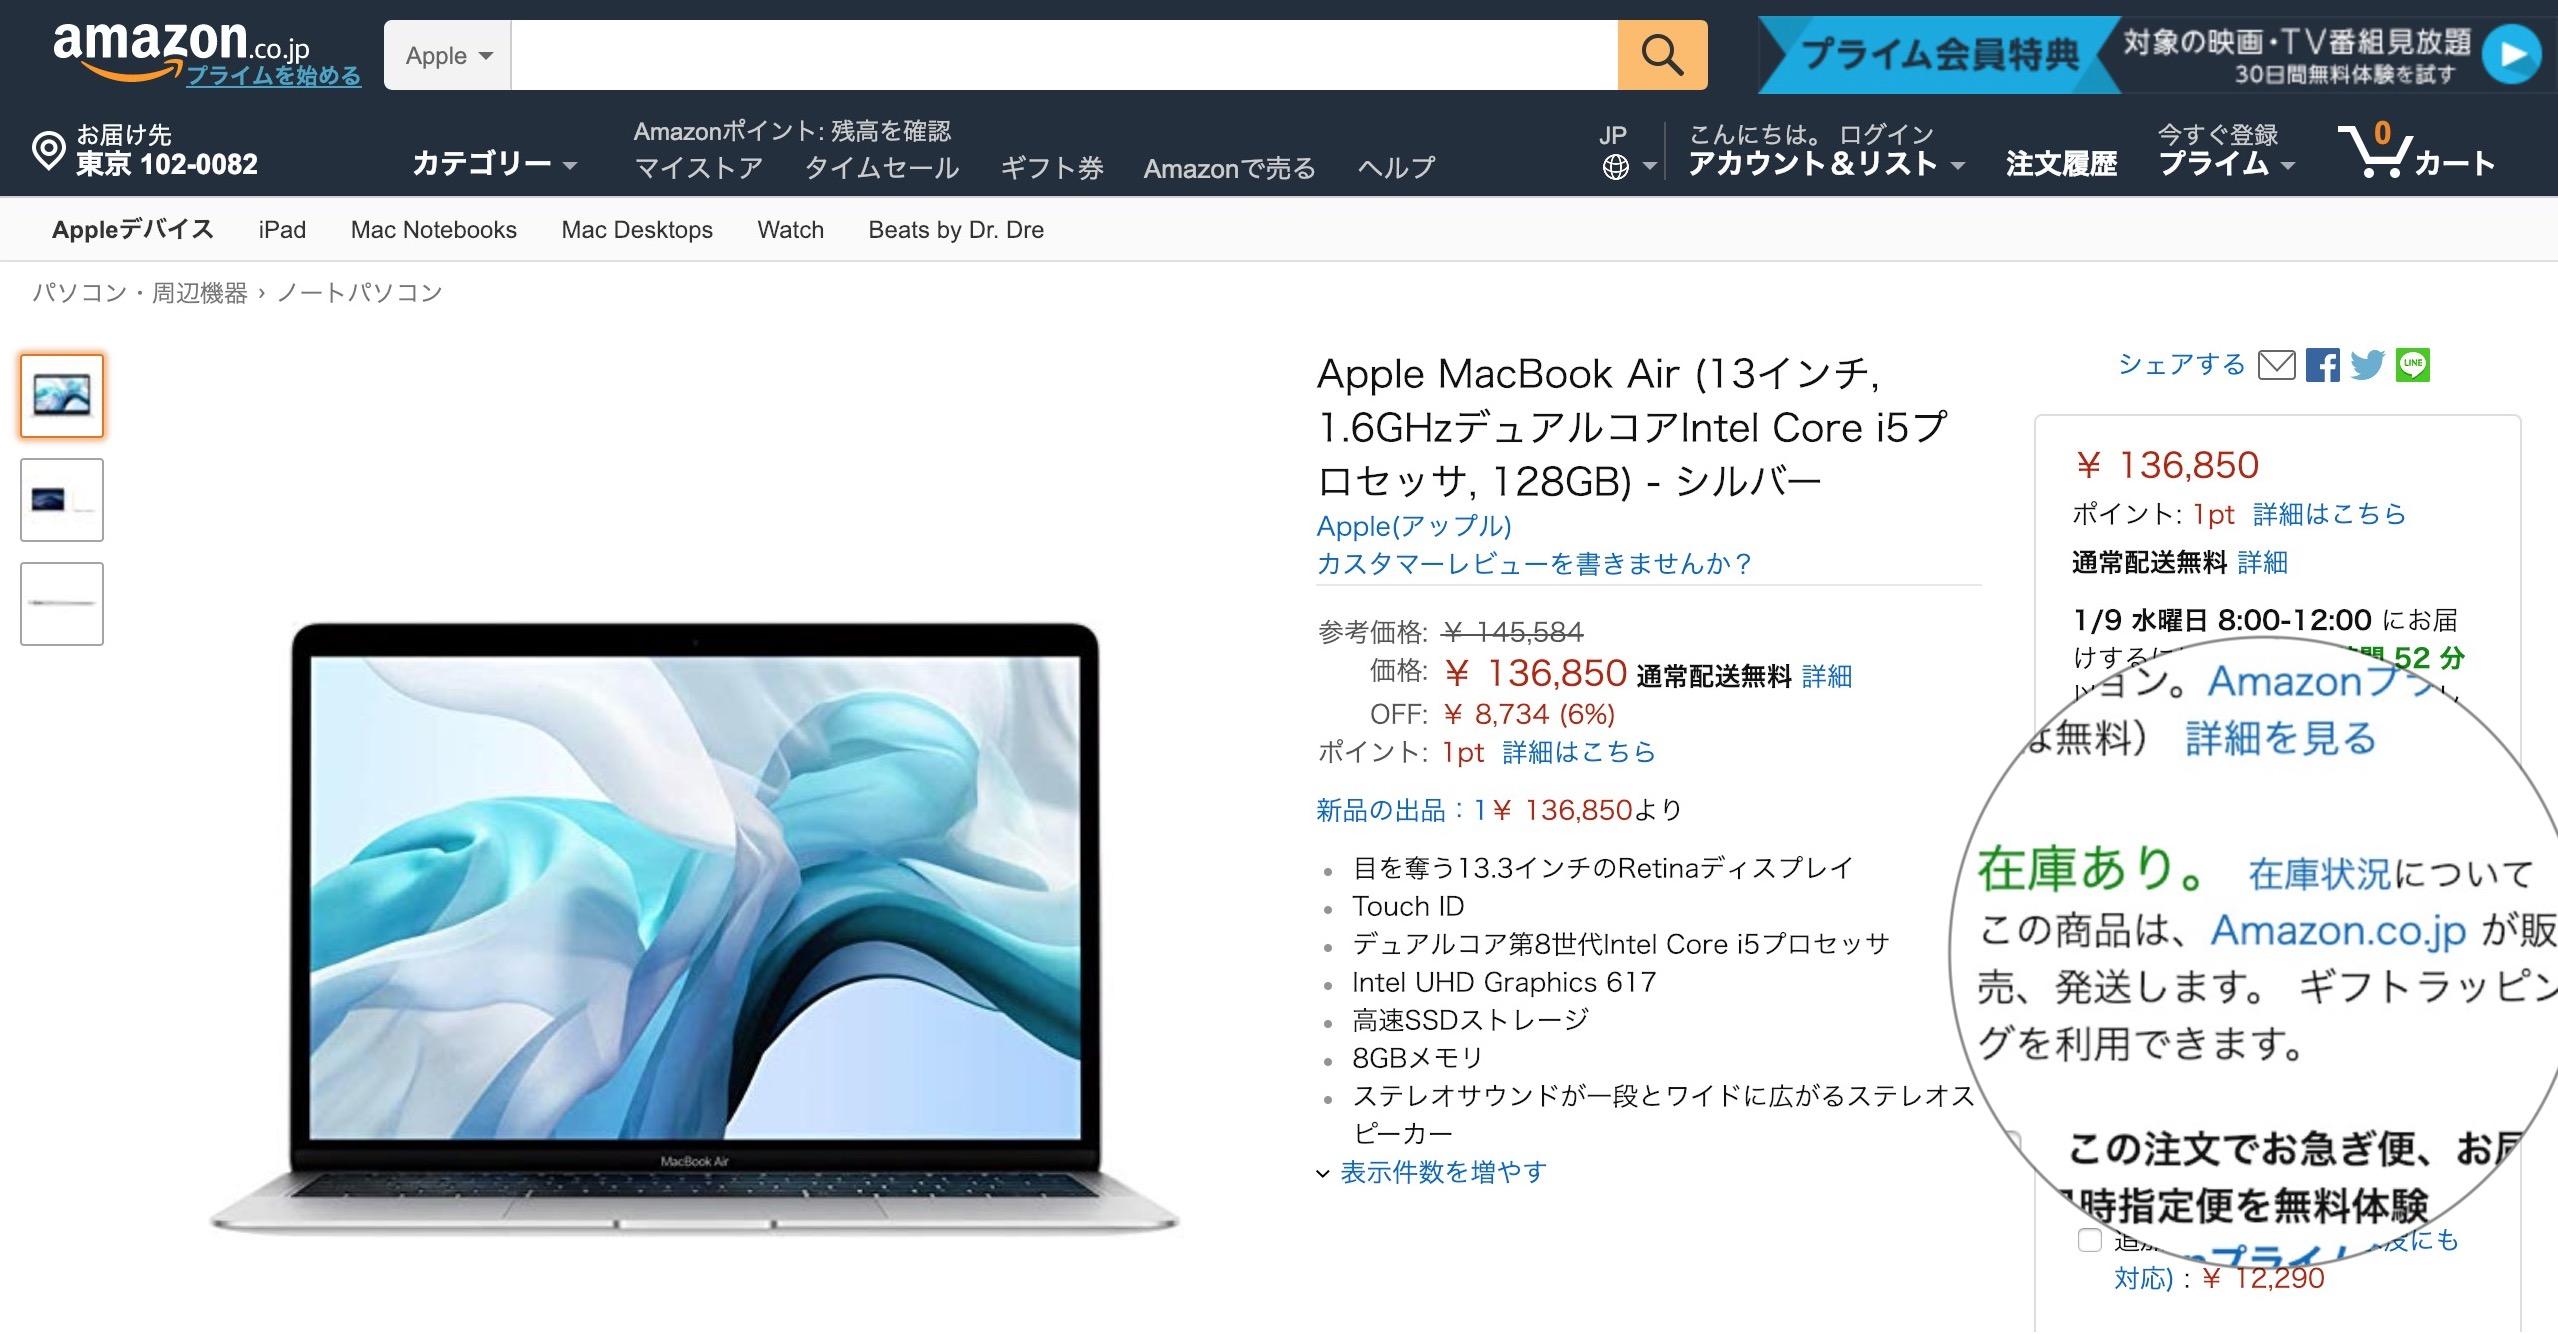 Amazon、日本でもApple・Beats製品の直販開始〜ポイントや割引で公式よりおトクに